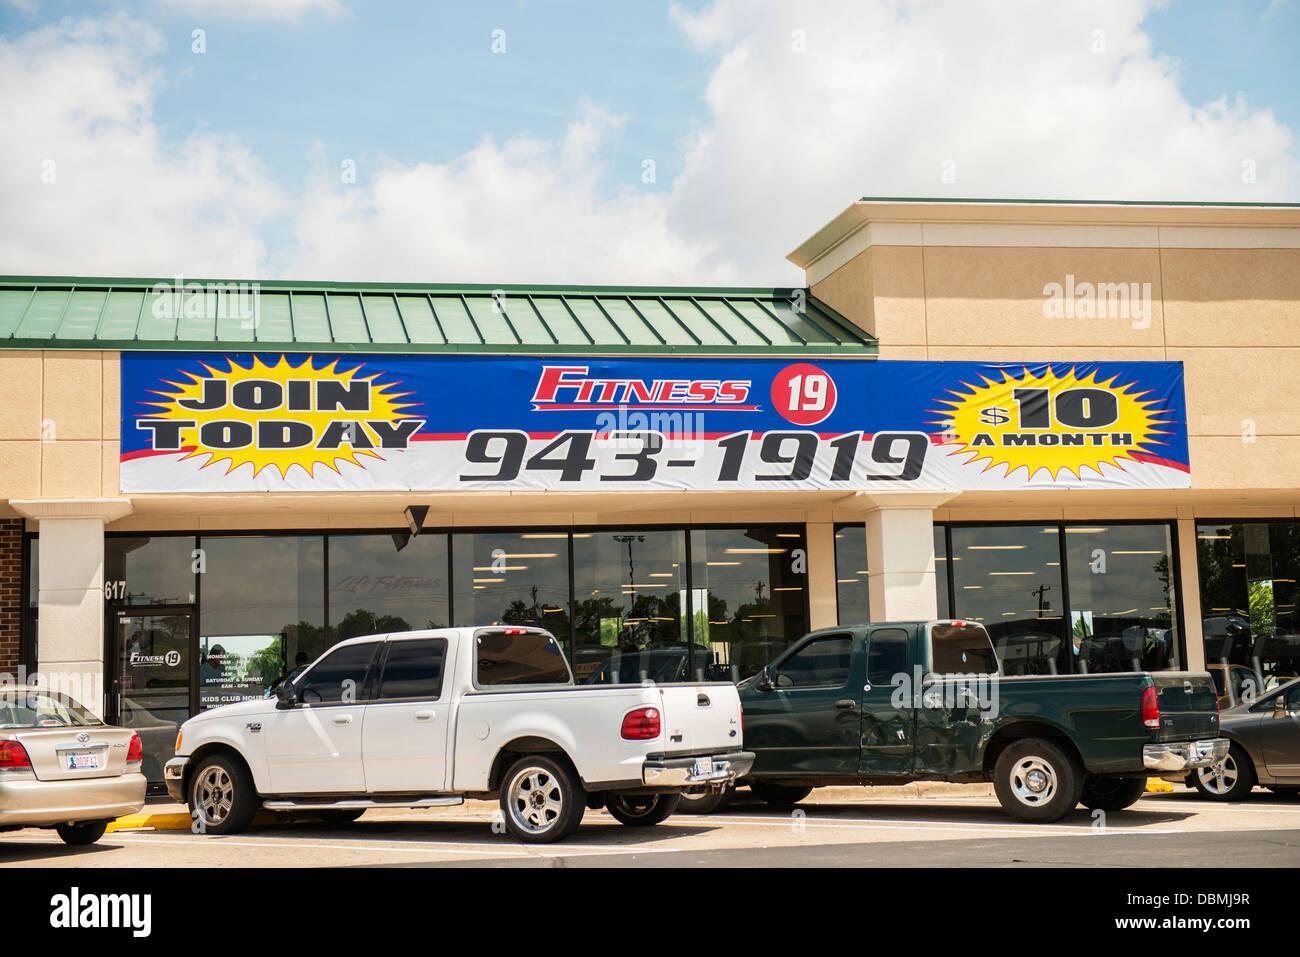 El exterior de un centro de fitness en un centro comercial en la Ciudad de Oklahoma, Oklahoma, Estados Unidos. Imagen De Stock